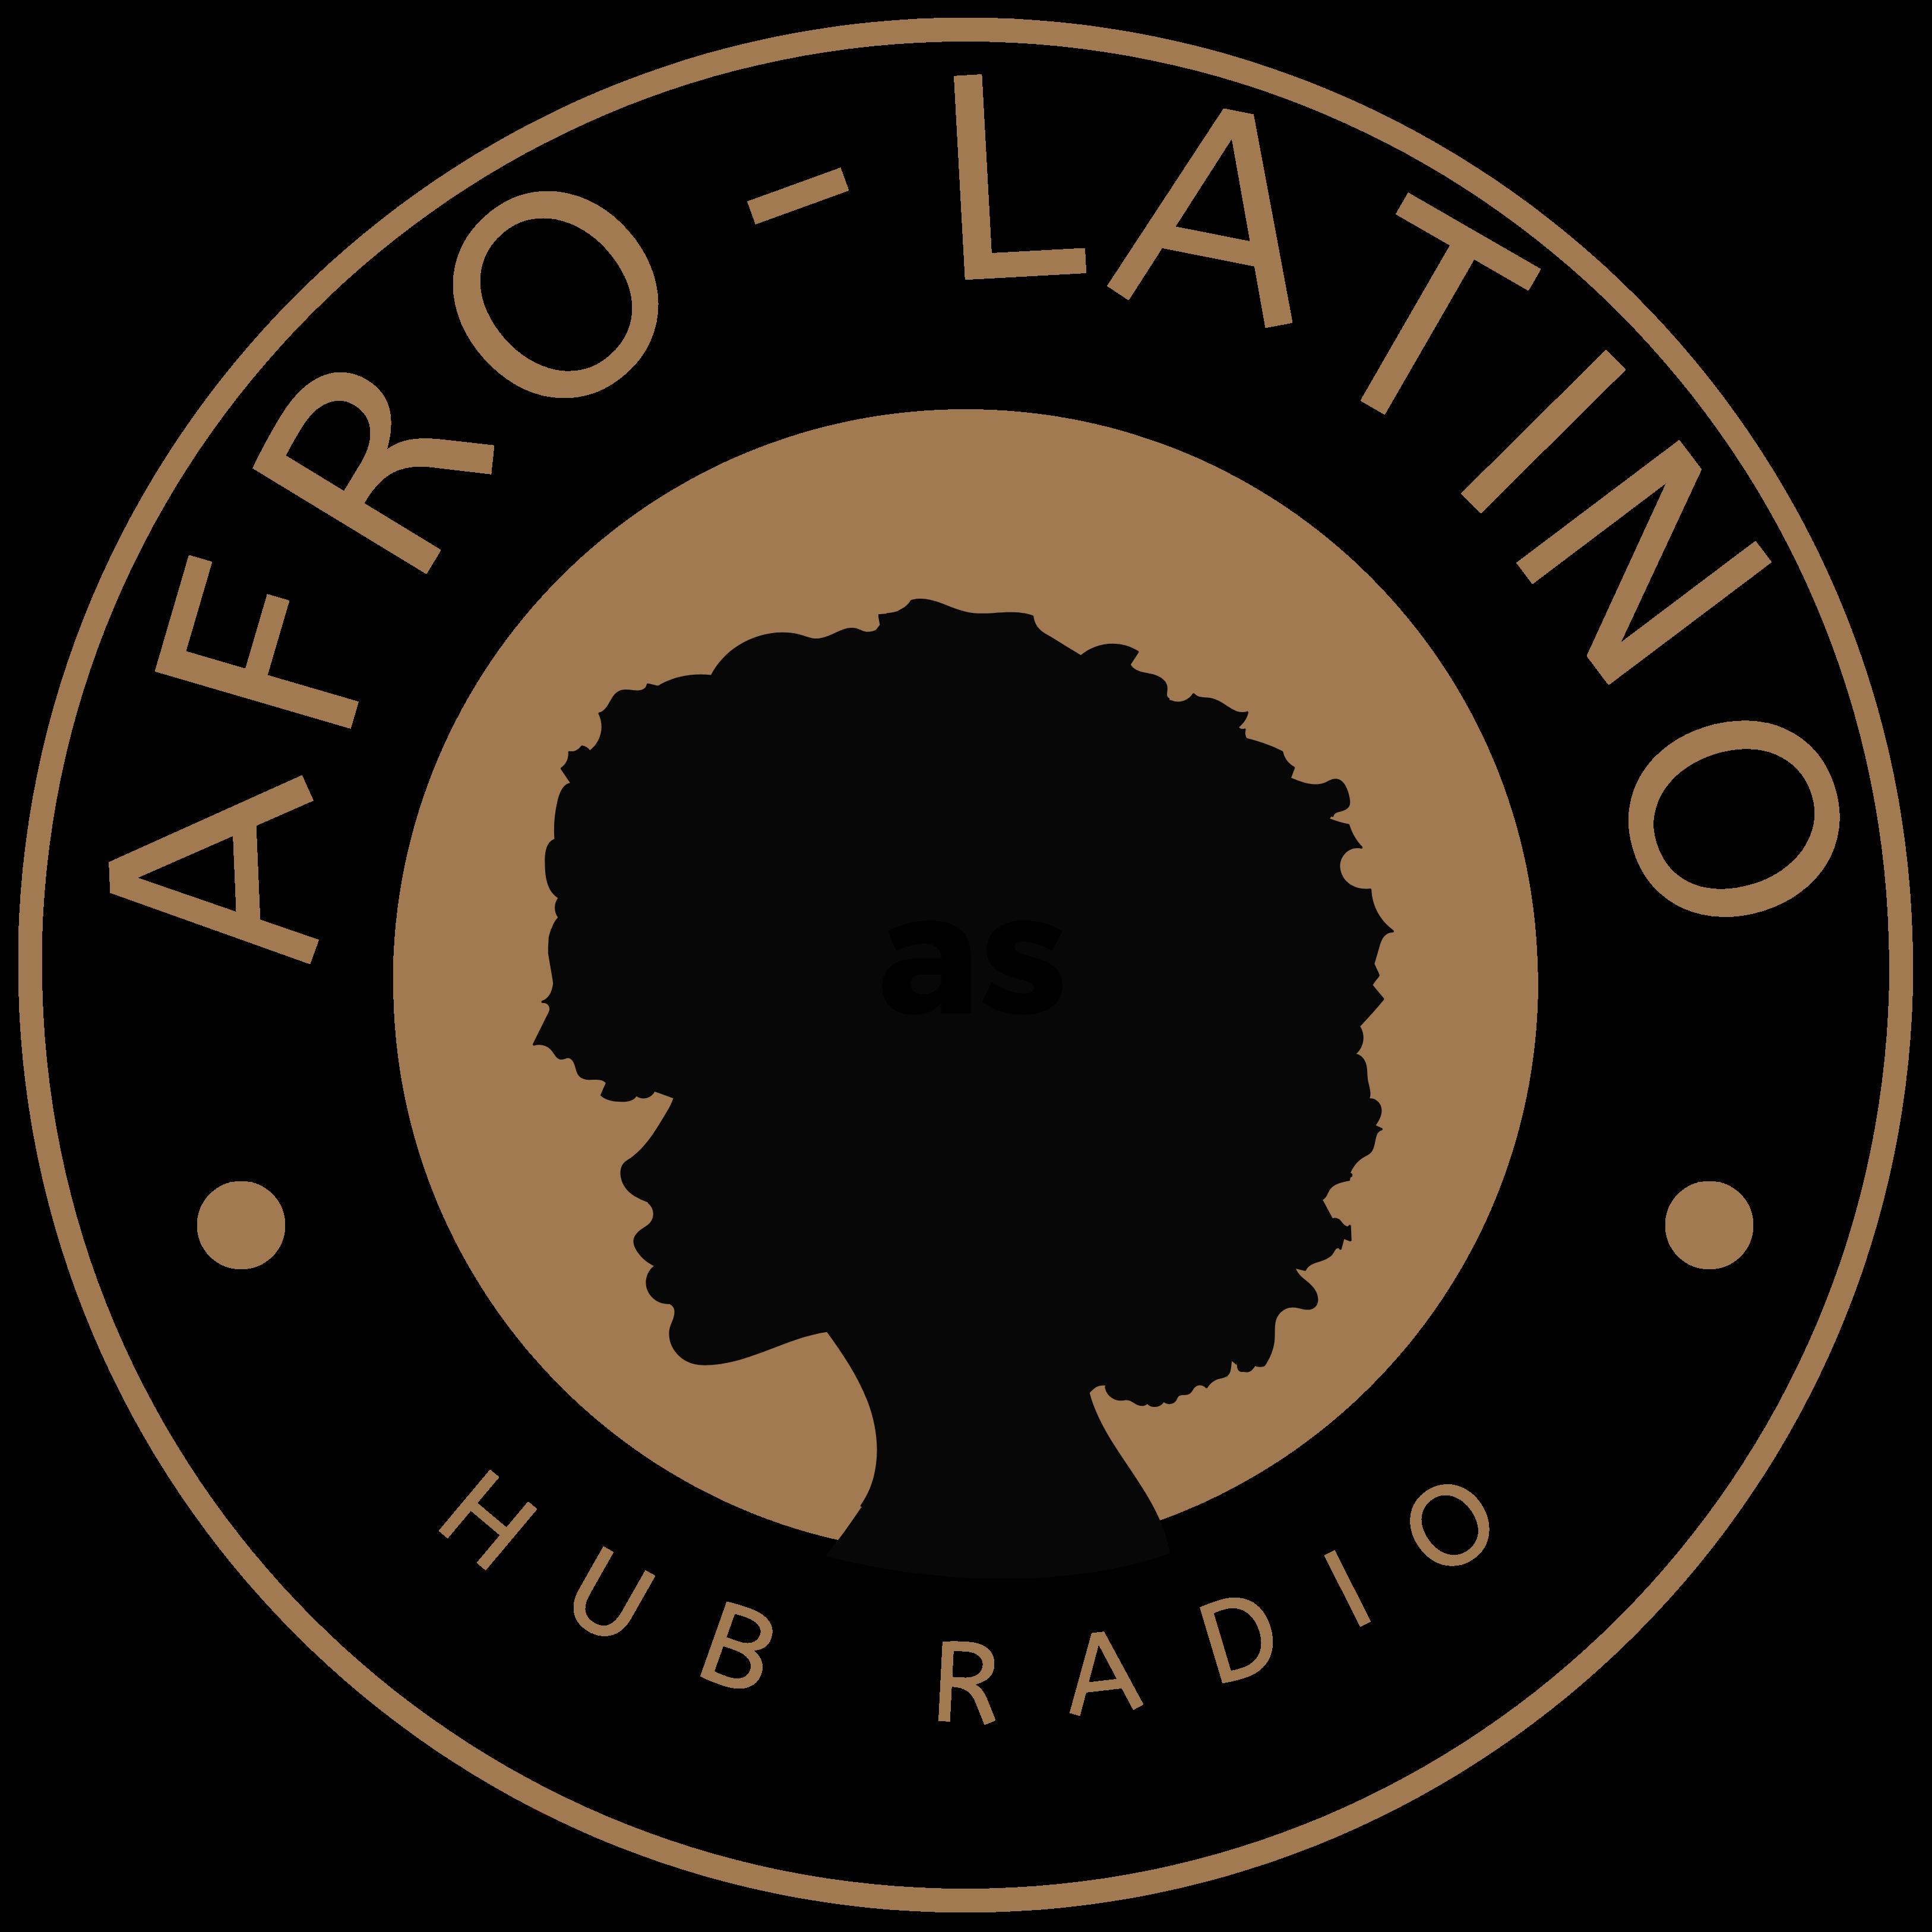 AfroLatinHub